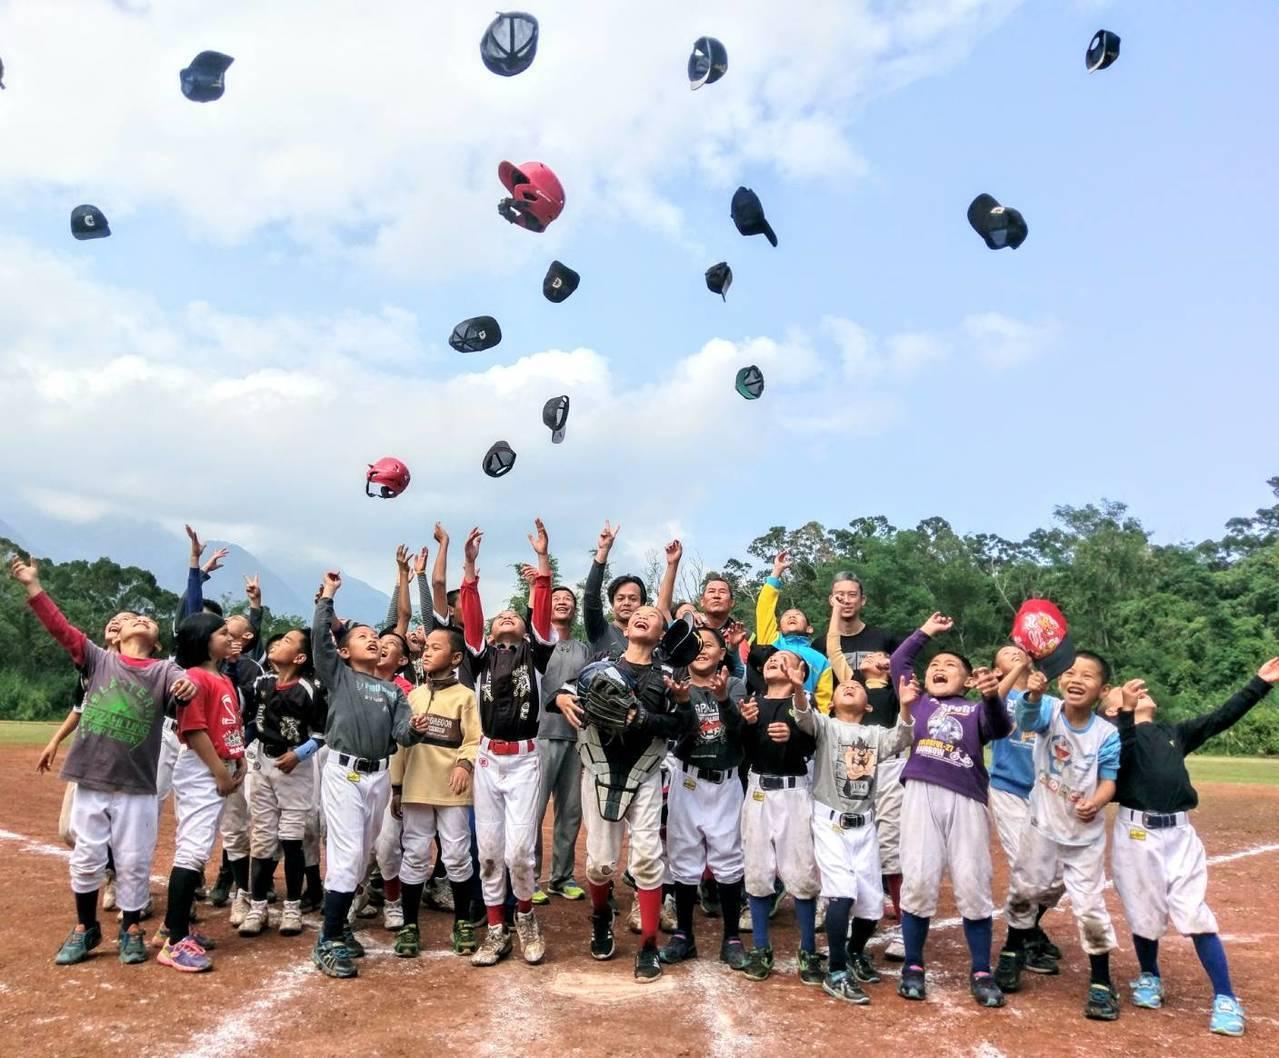 台東長濱國小棒球隊整軍再出發,幫助偏鄉學童在運動中找到自信與成就感。 圖/長濱國...